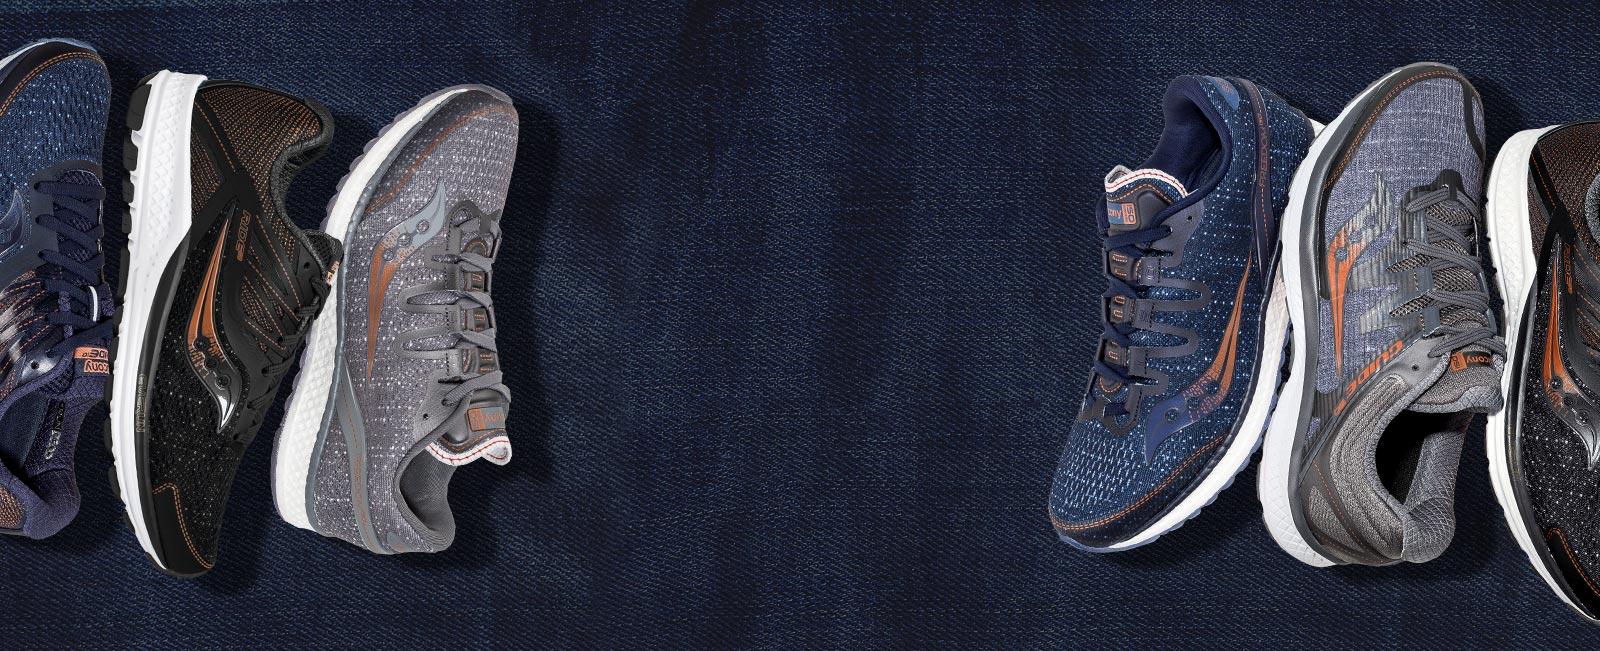 Saucony - Denim Shoe Collection